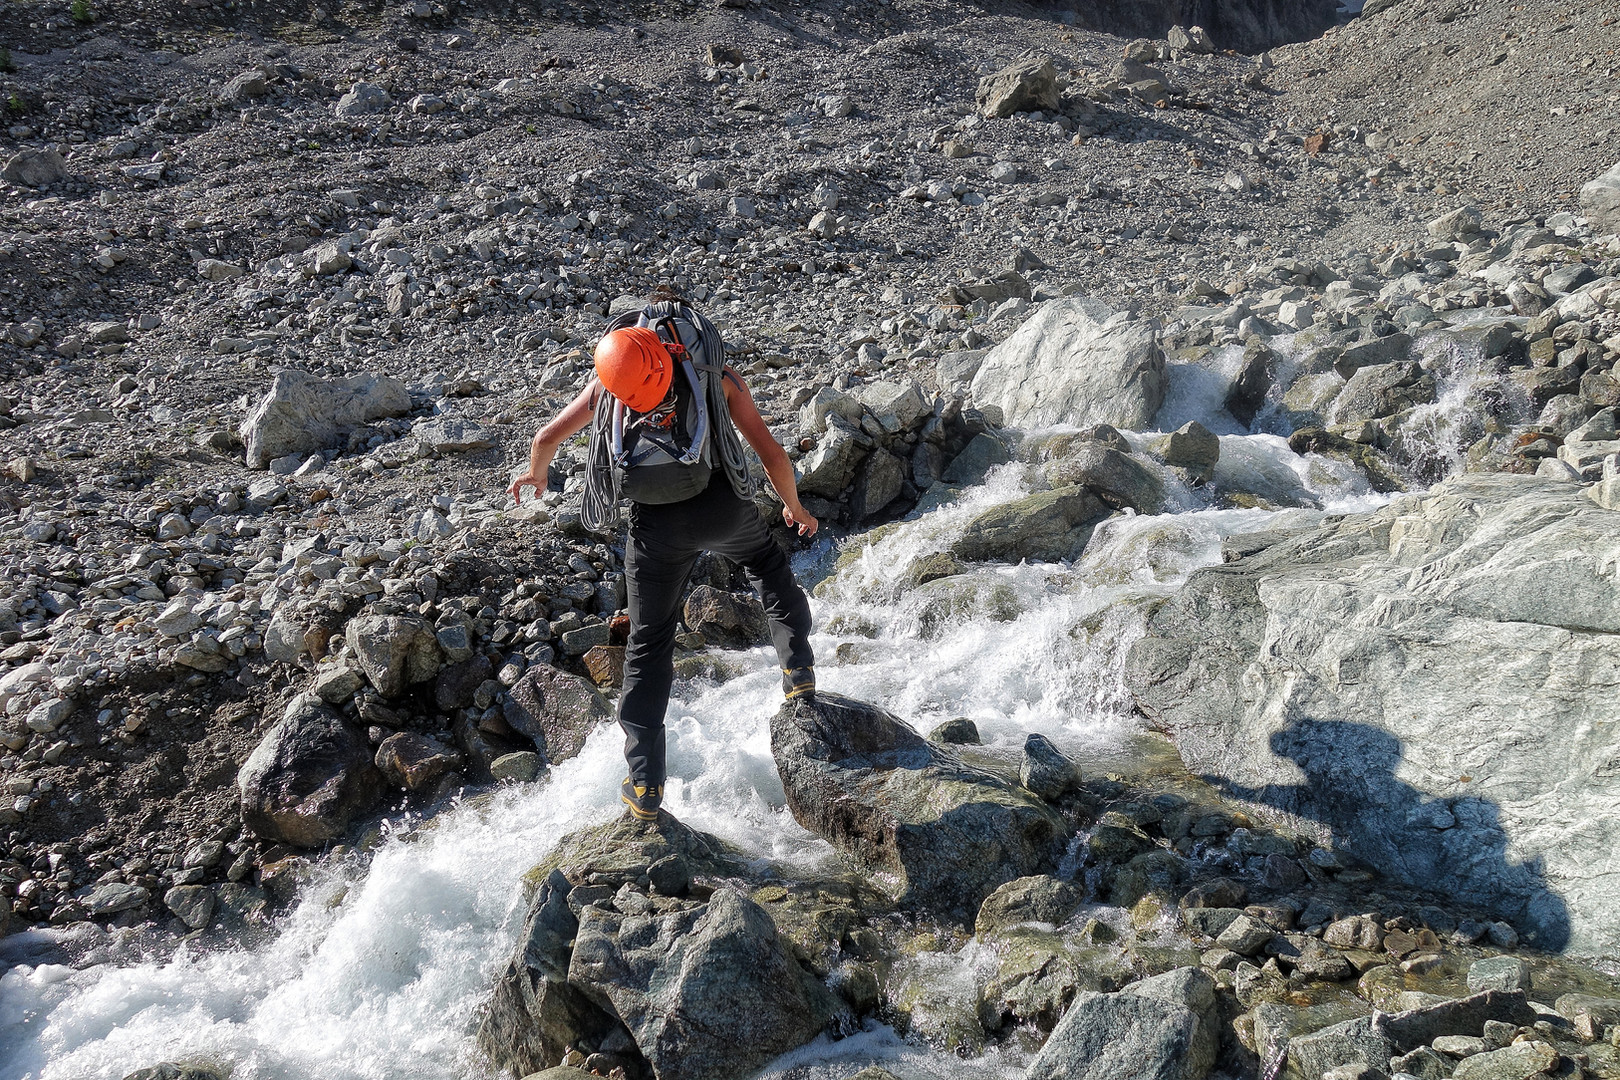 kleine Flussüberquerung - kein Problem für Armin